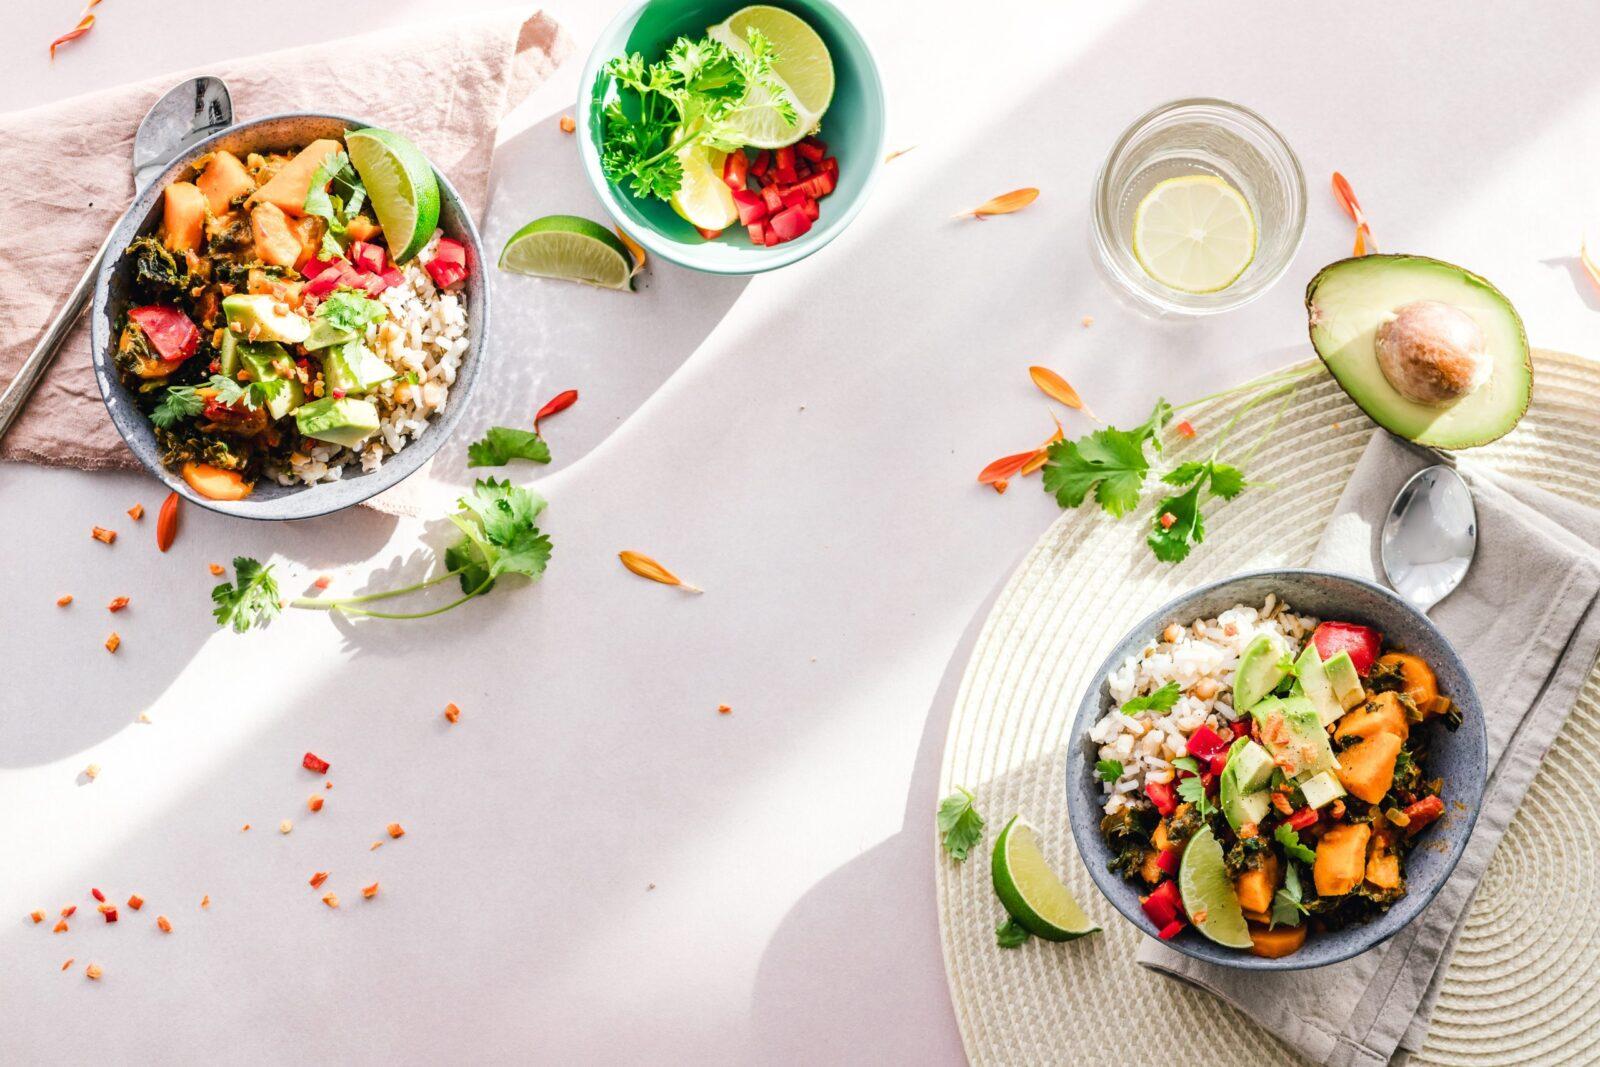 Cucina naturale: sentirsi in forma con il cibo